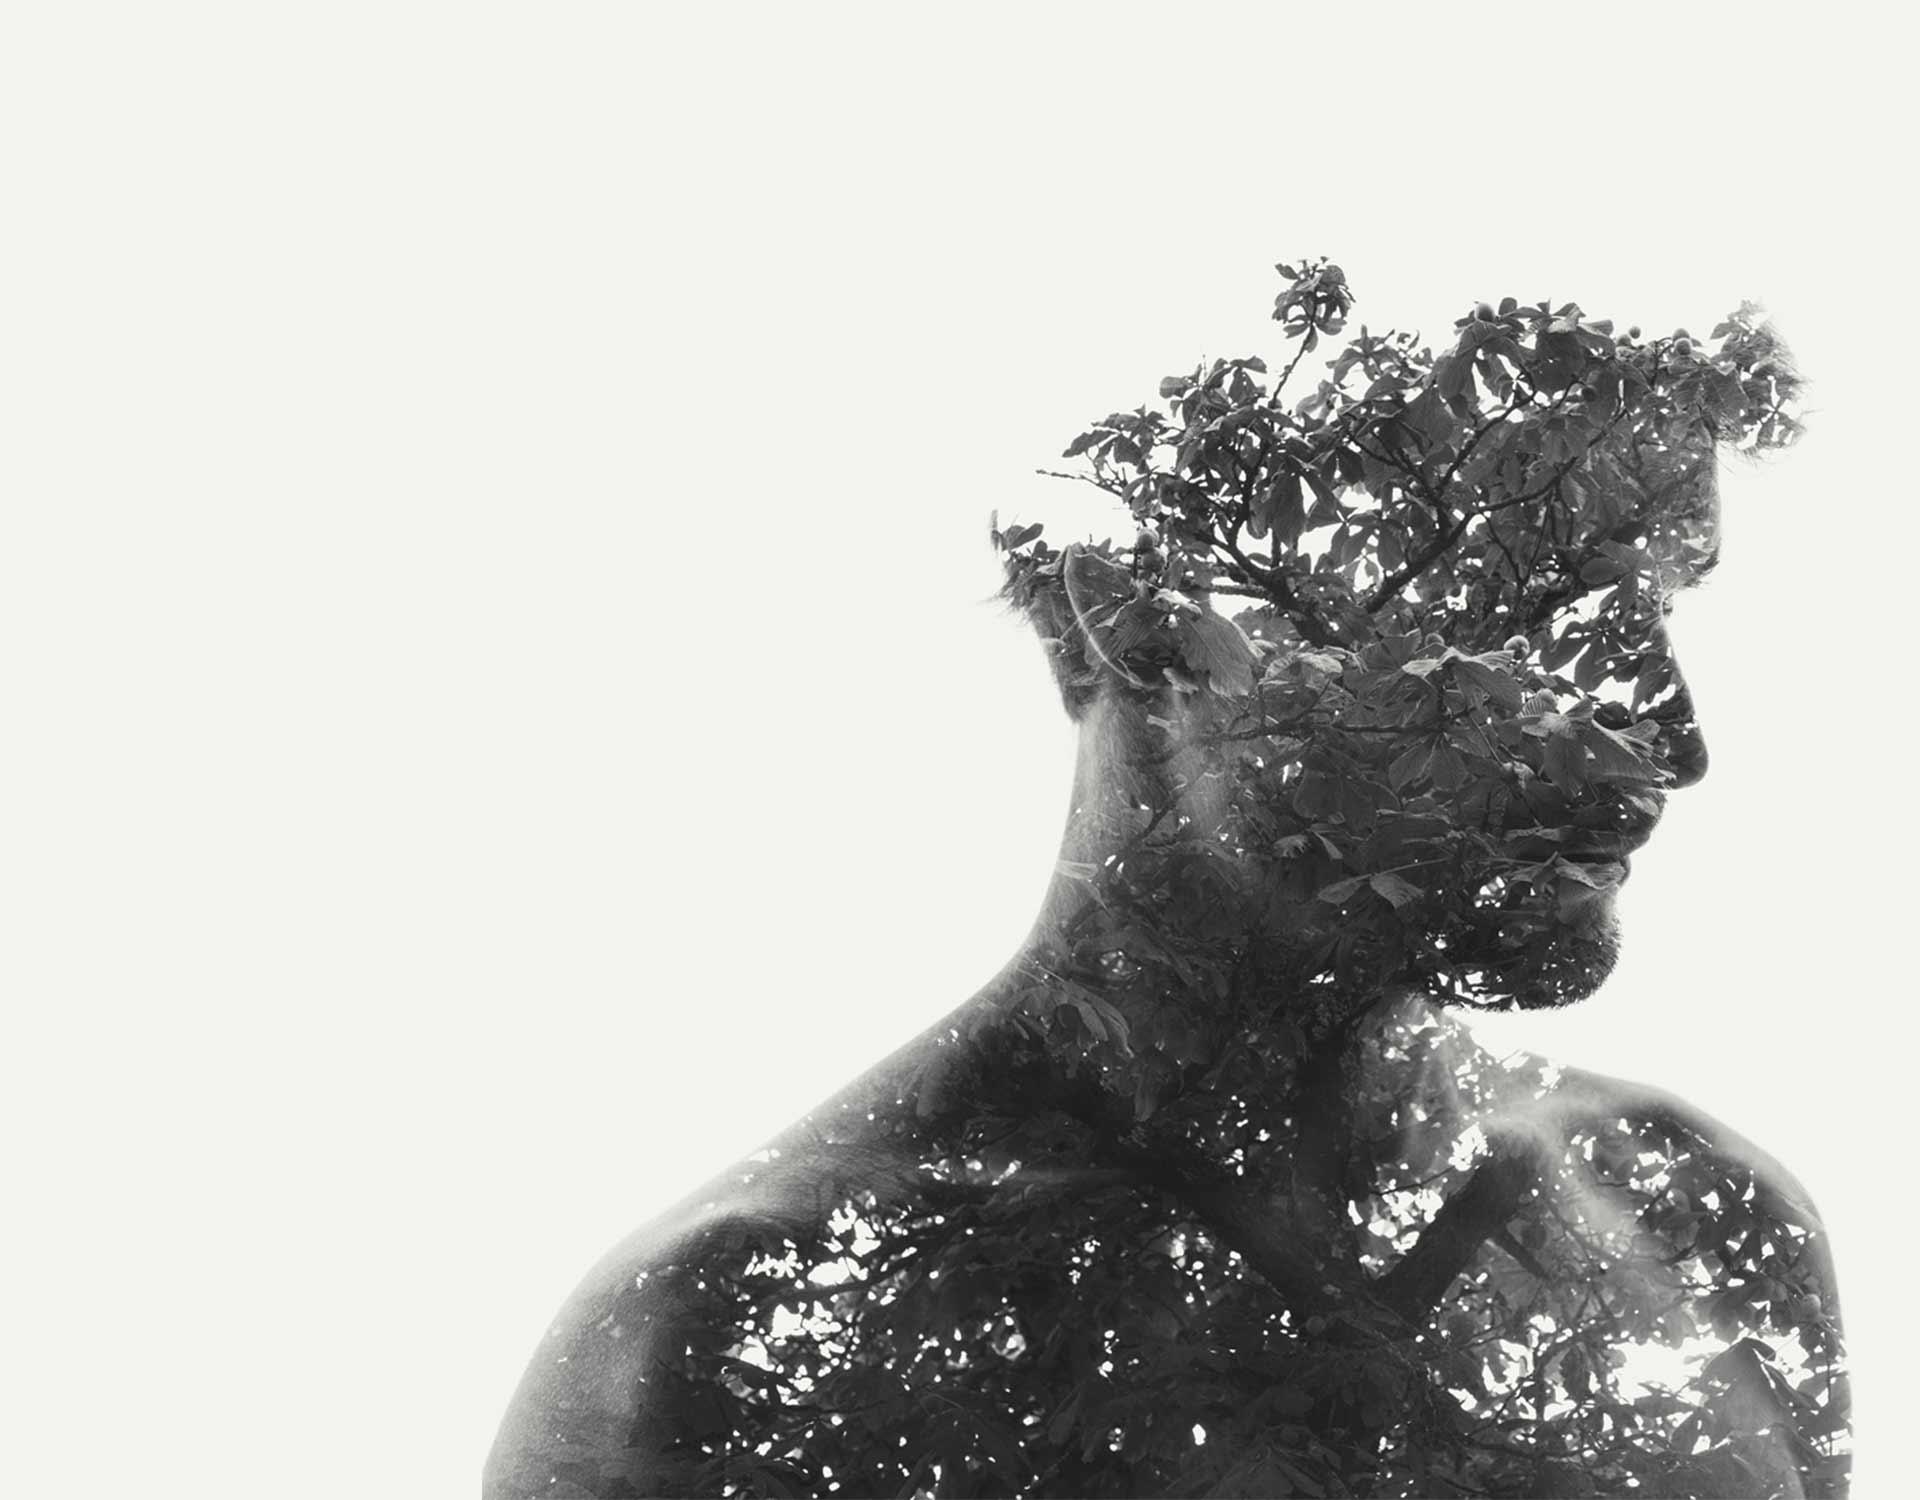 Persi dentro le nostre mille fragilità cerchiamo un modo per capire…